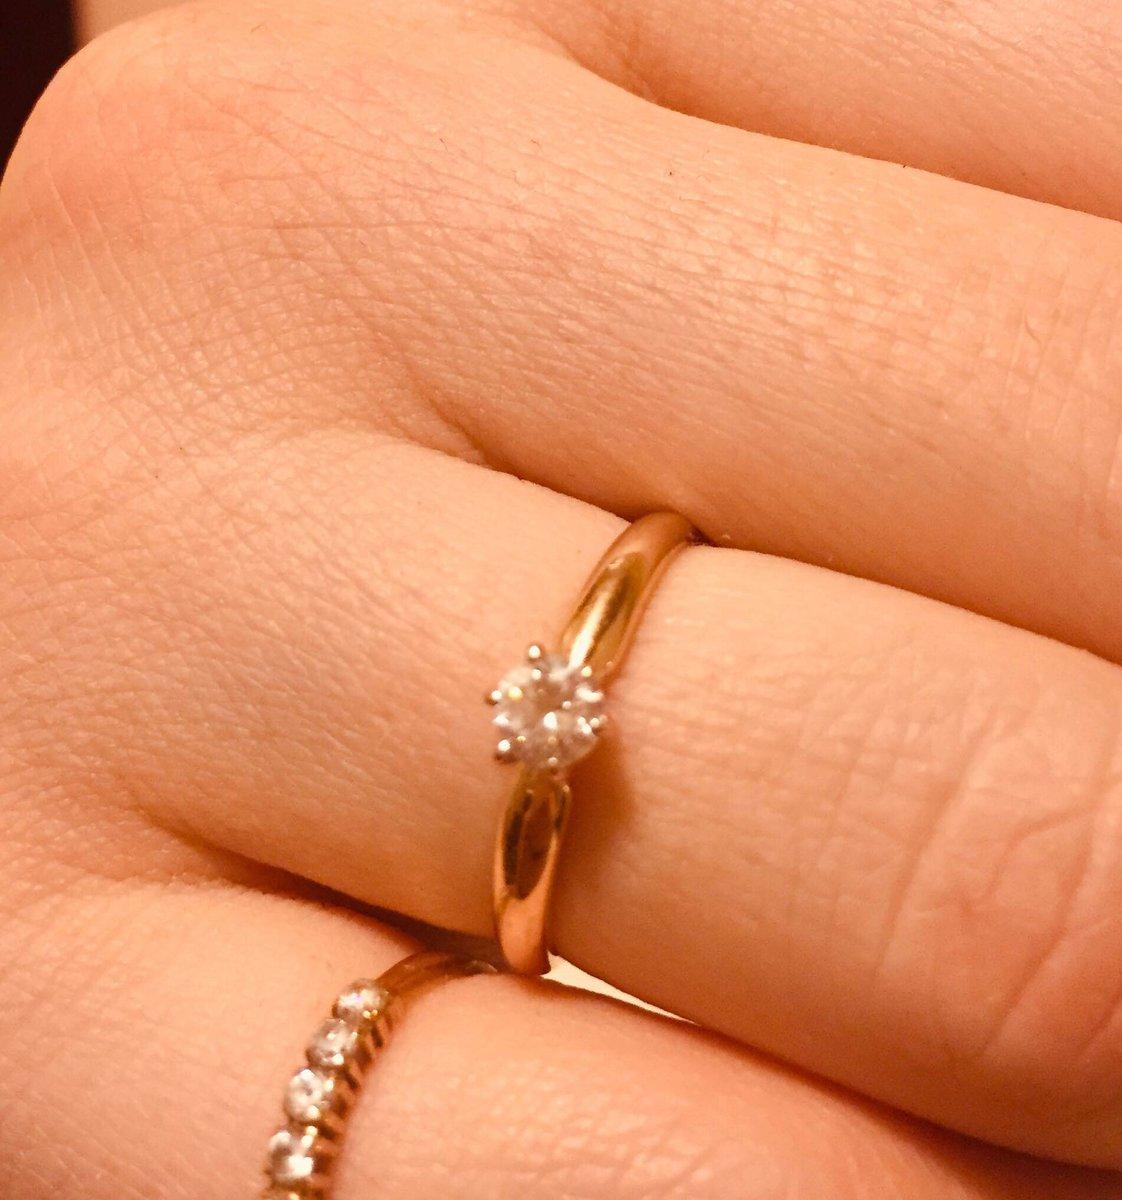 Хорошее кольцо сделать предложение)